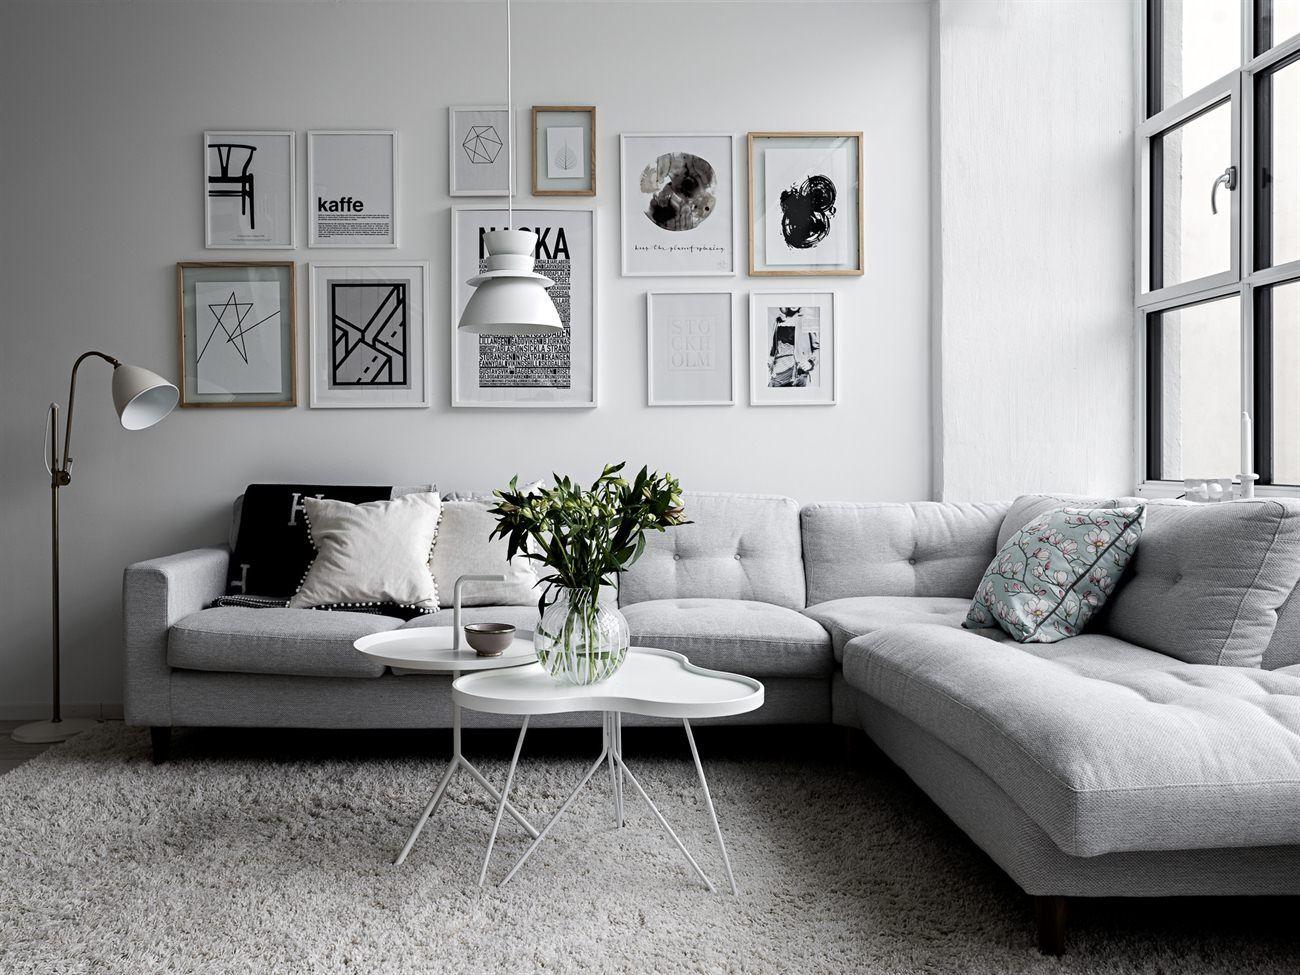 kaffe og sofa